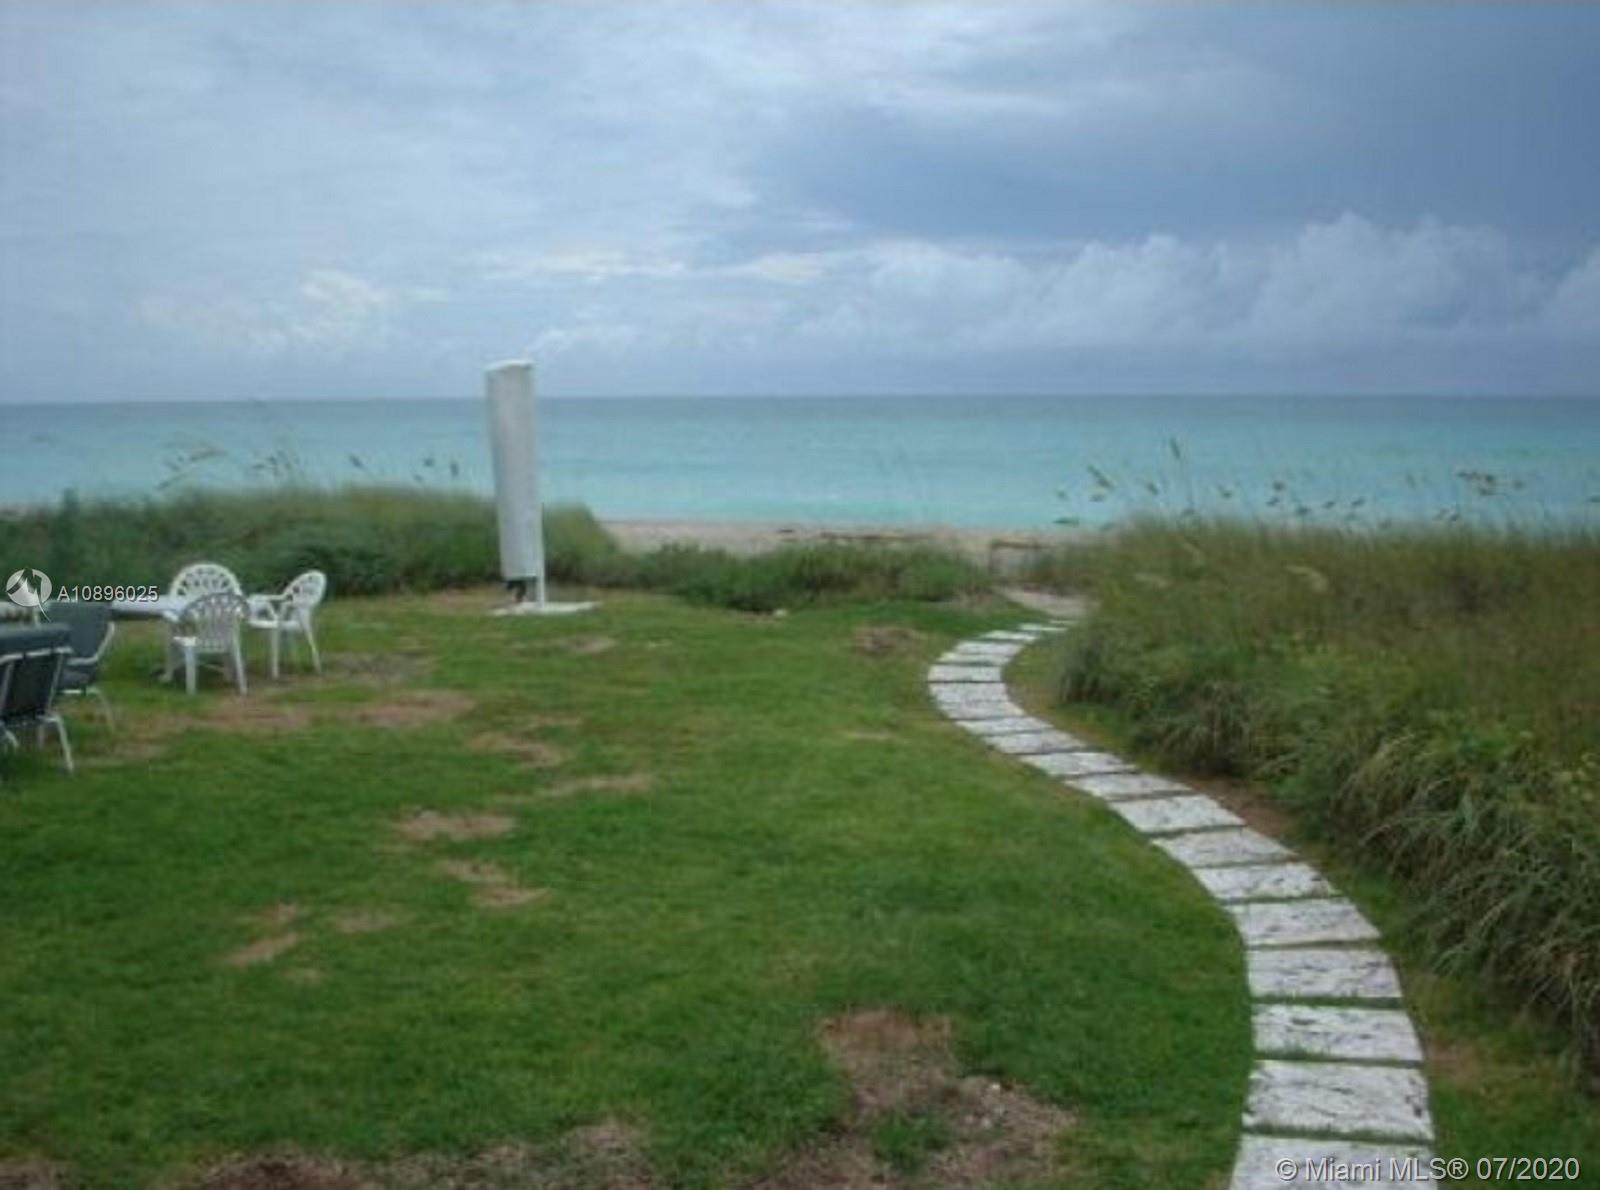 687  OCEAN BL  For Sale A10896025, FL